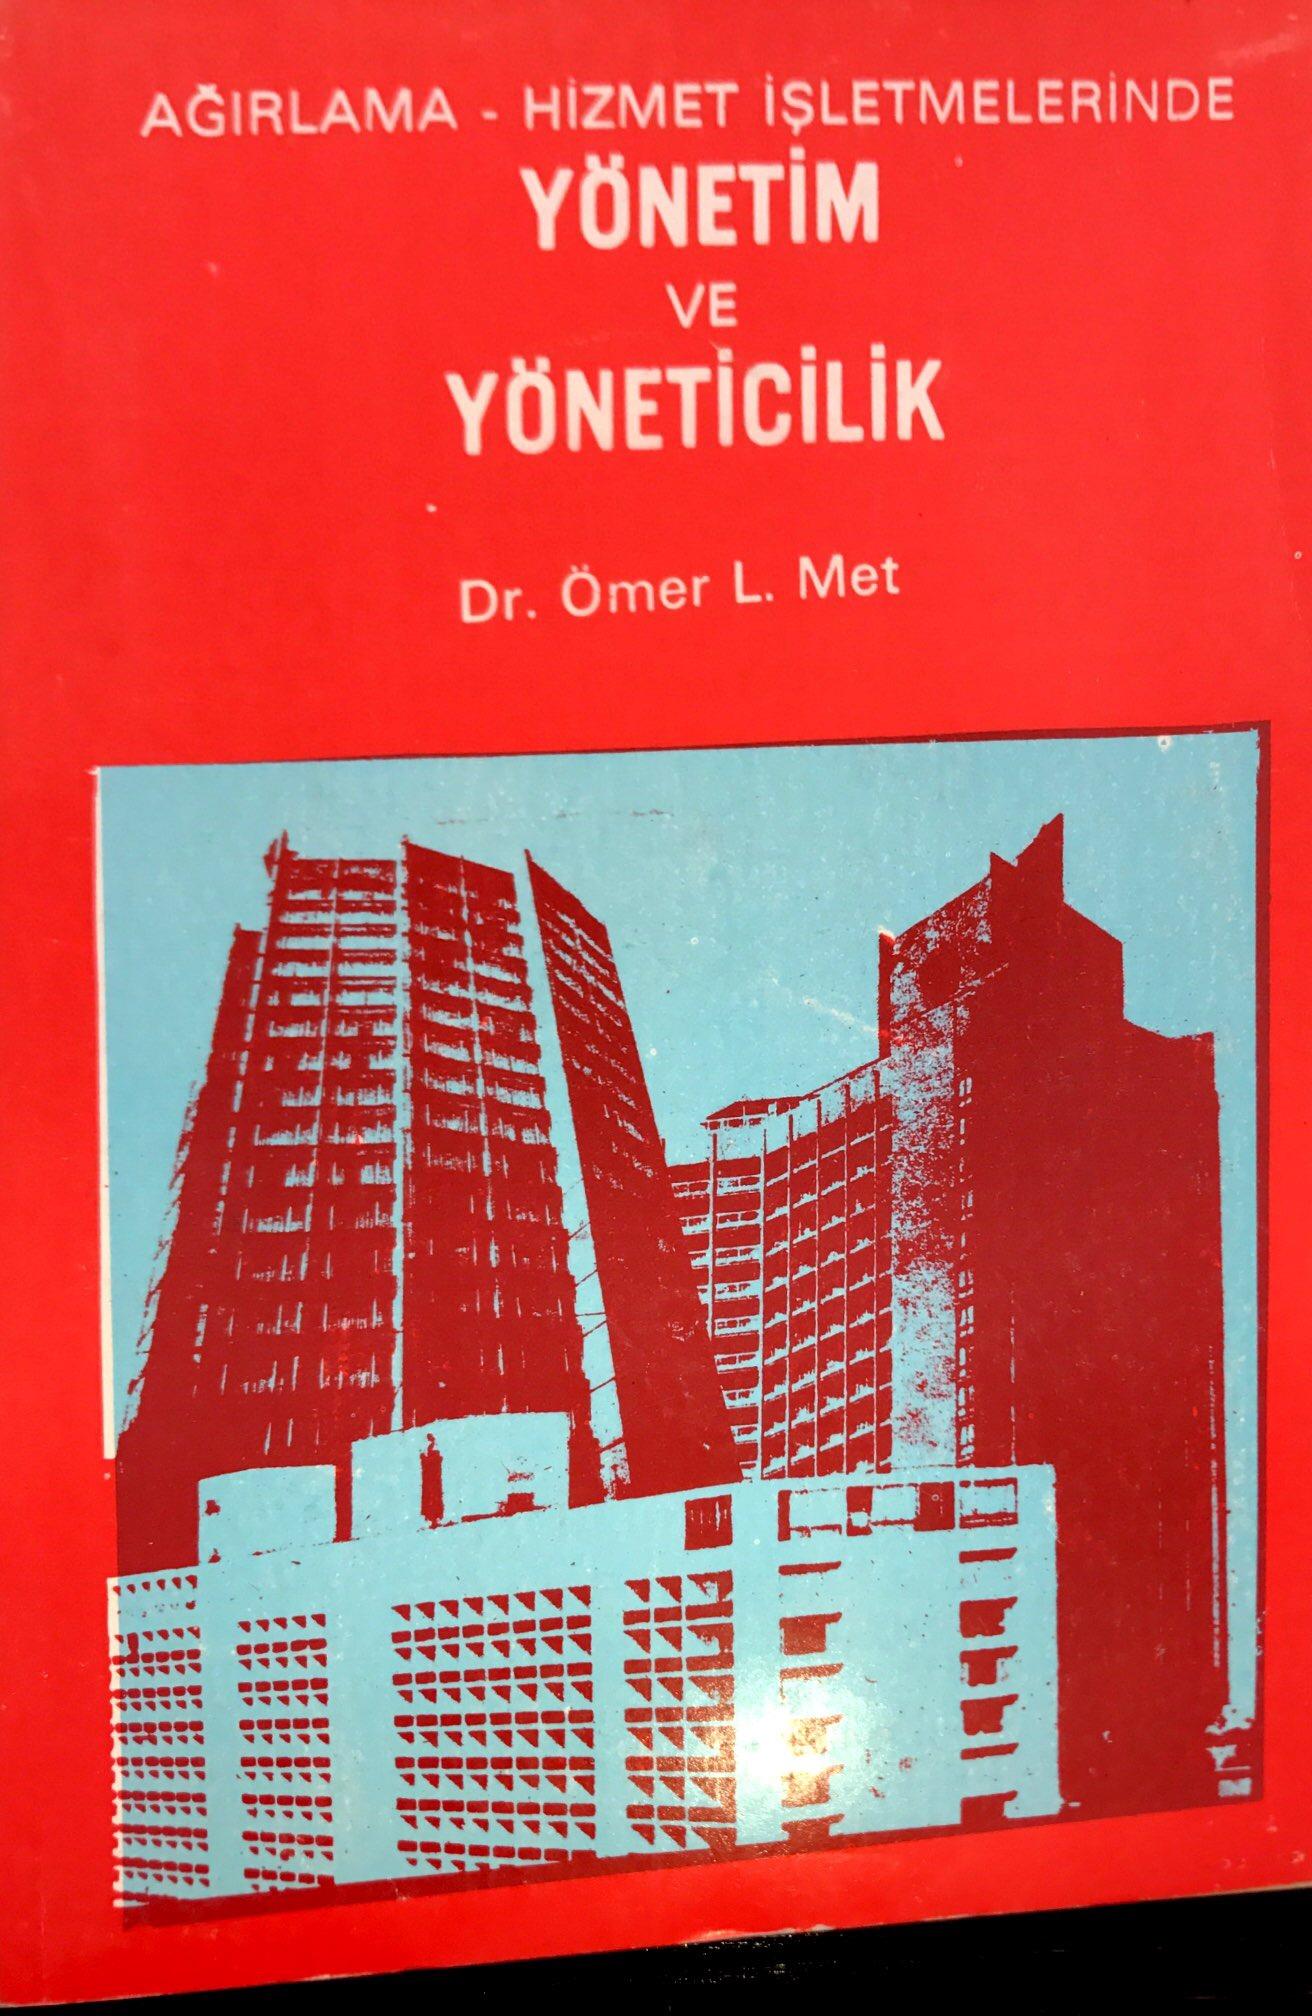 Ağırlama-Hizmet İşletmelerinde Yönetim ve Yöneticilik Kitap Kapağı